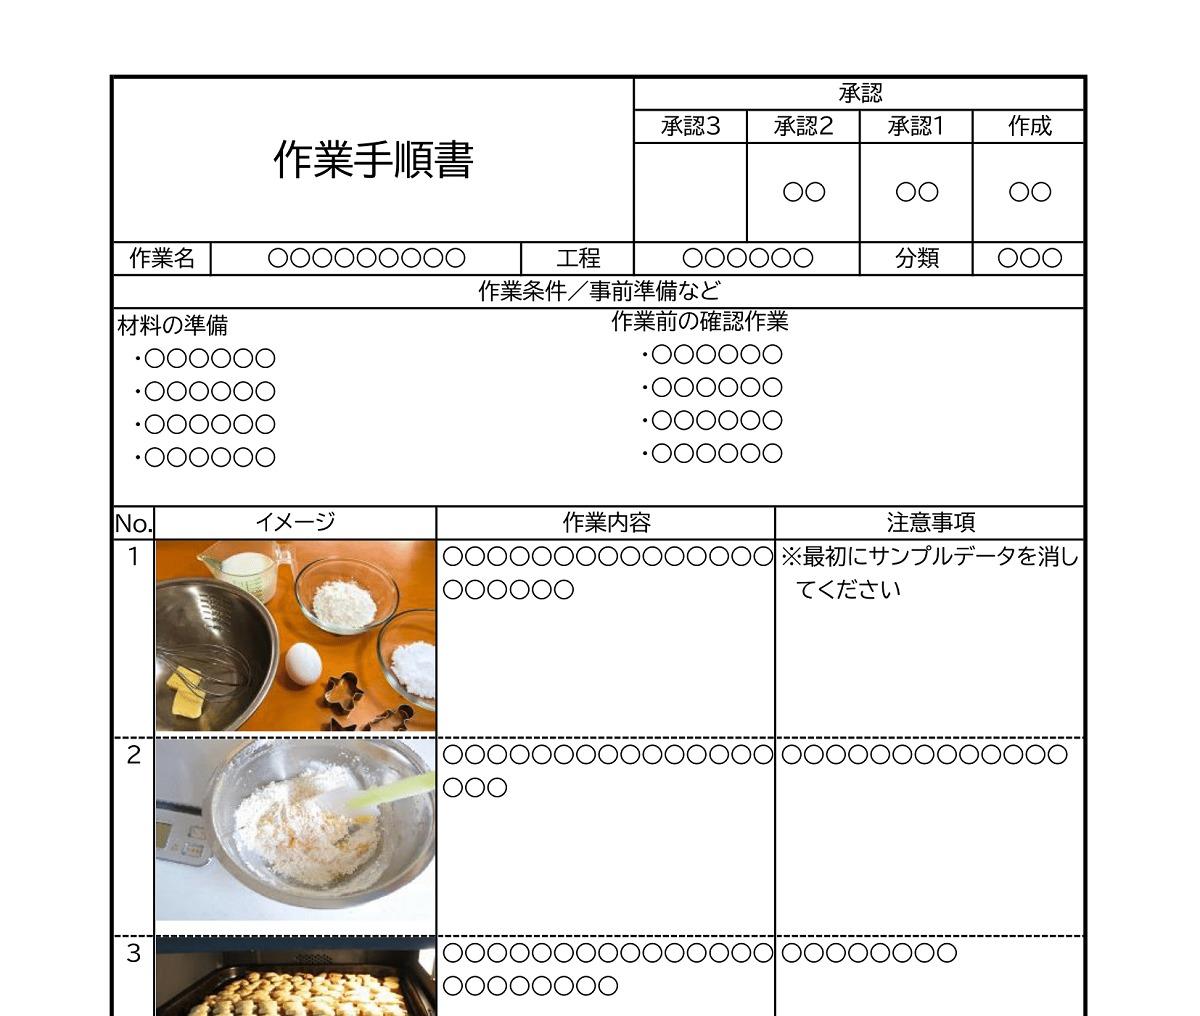 【作業手順書ふ】今すぐ使える・無料Excelフォーマット(写真付き作業手順リスト・記入例あり・テンプレート)